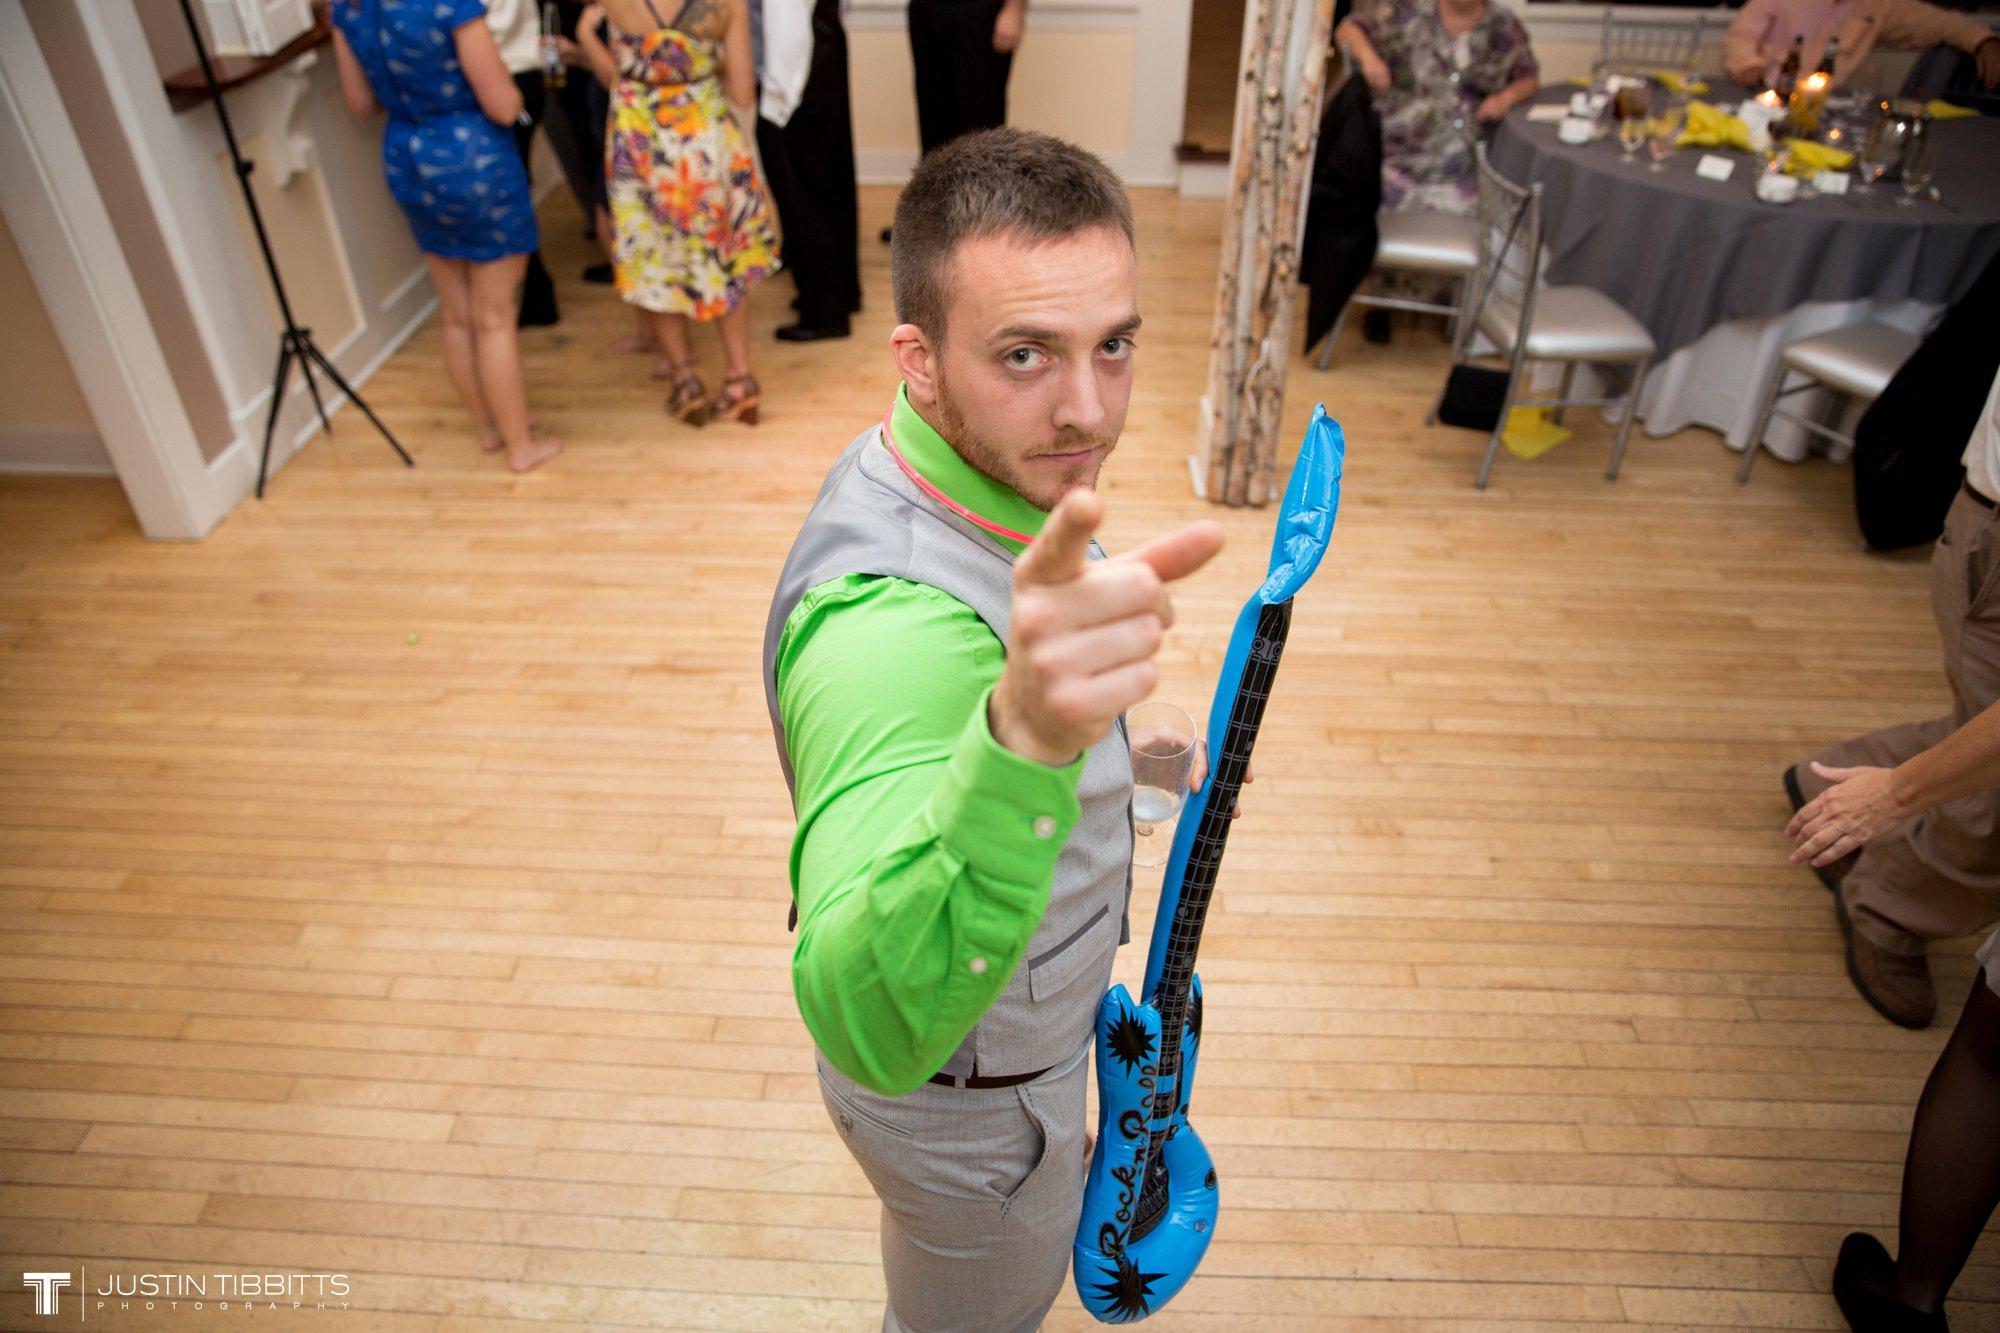 Albany NY Wedding Photographer Justin Tibbitts Photography 2014 Best of Albany NY Weddings-120Albany NY Wedding Photographer Justin Tibbitts Photography Albany NY Best of Weddings1